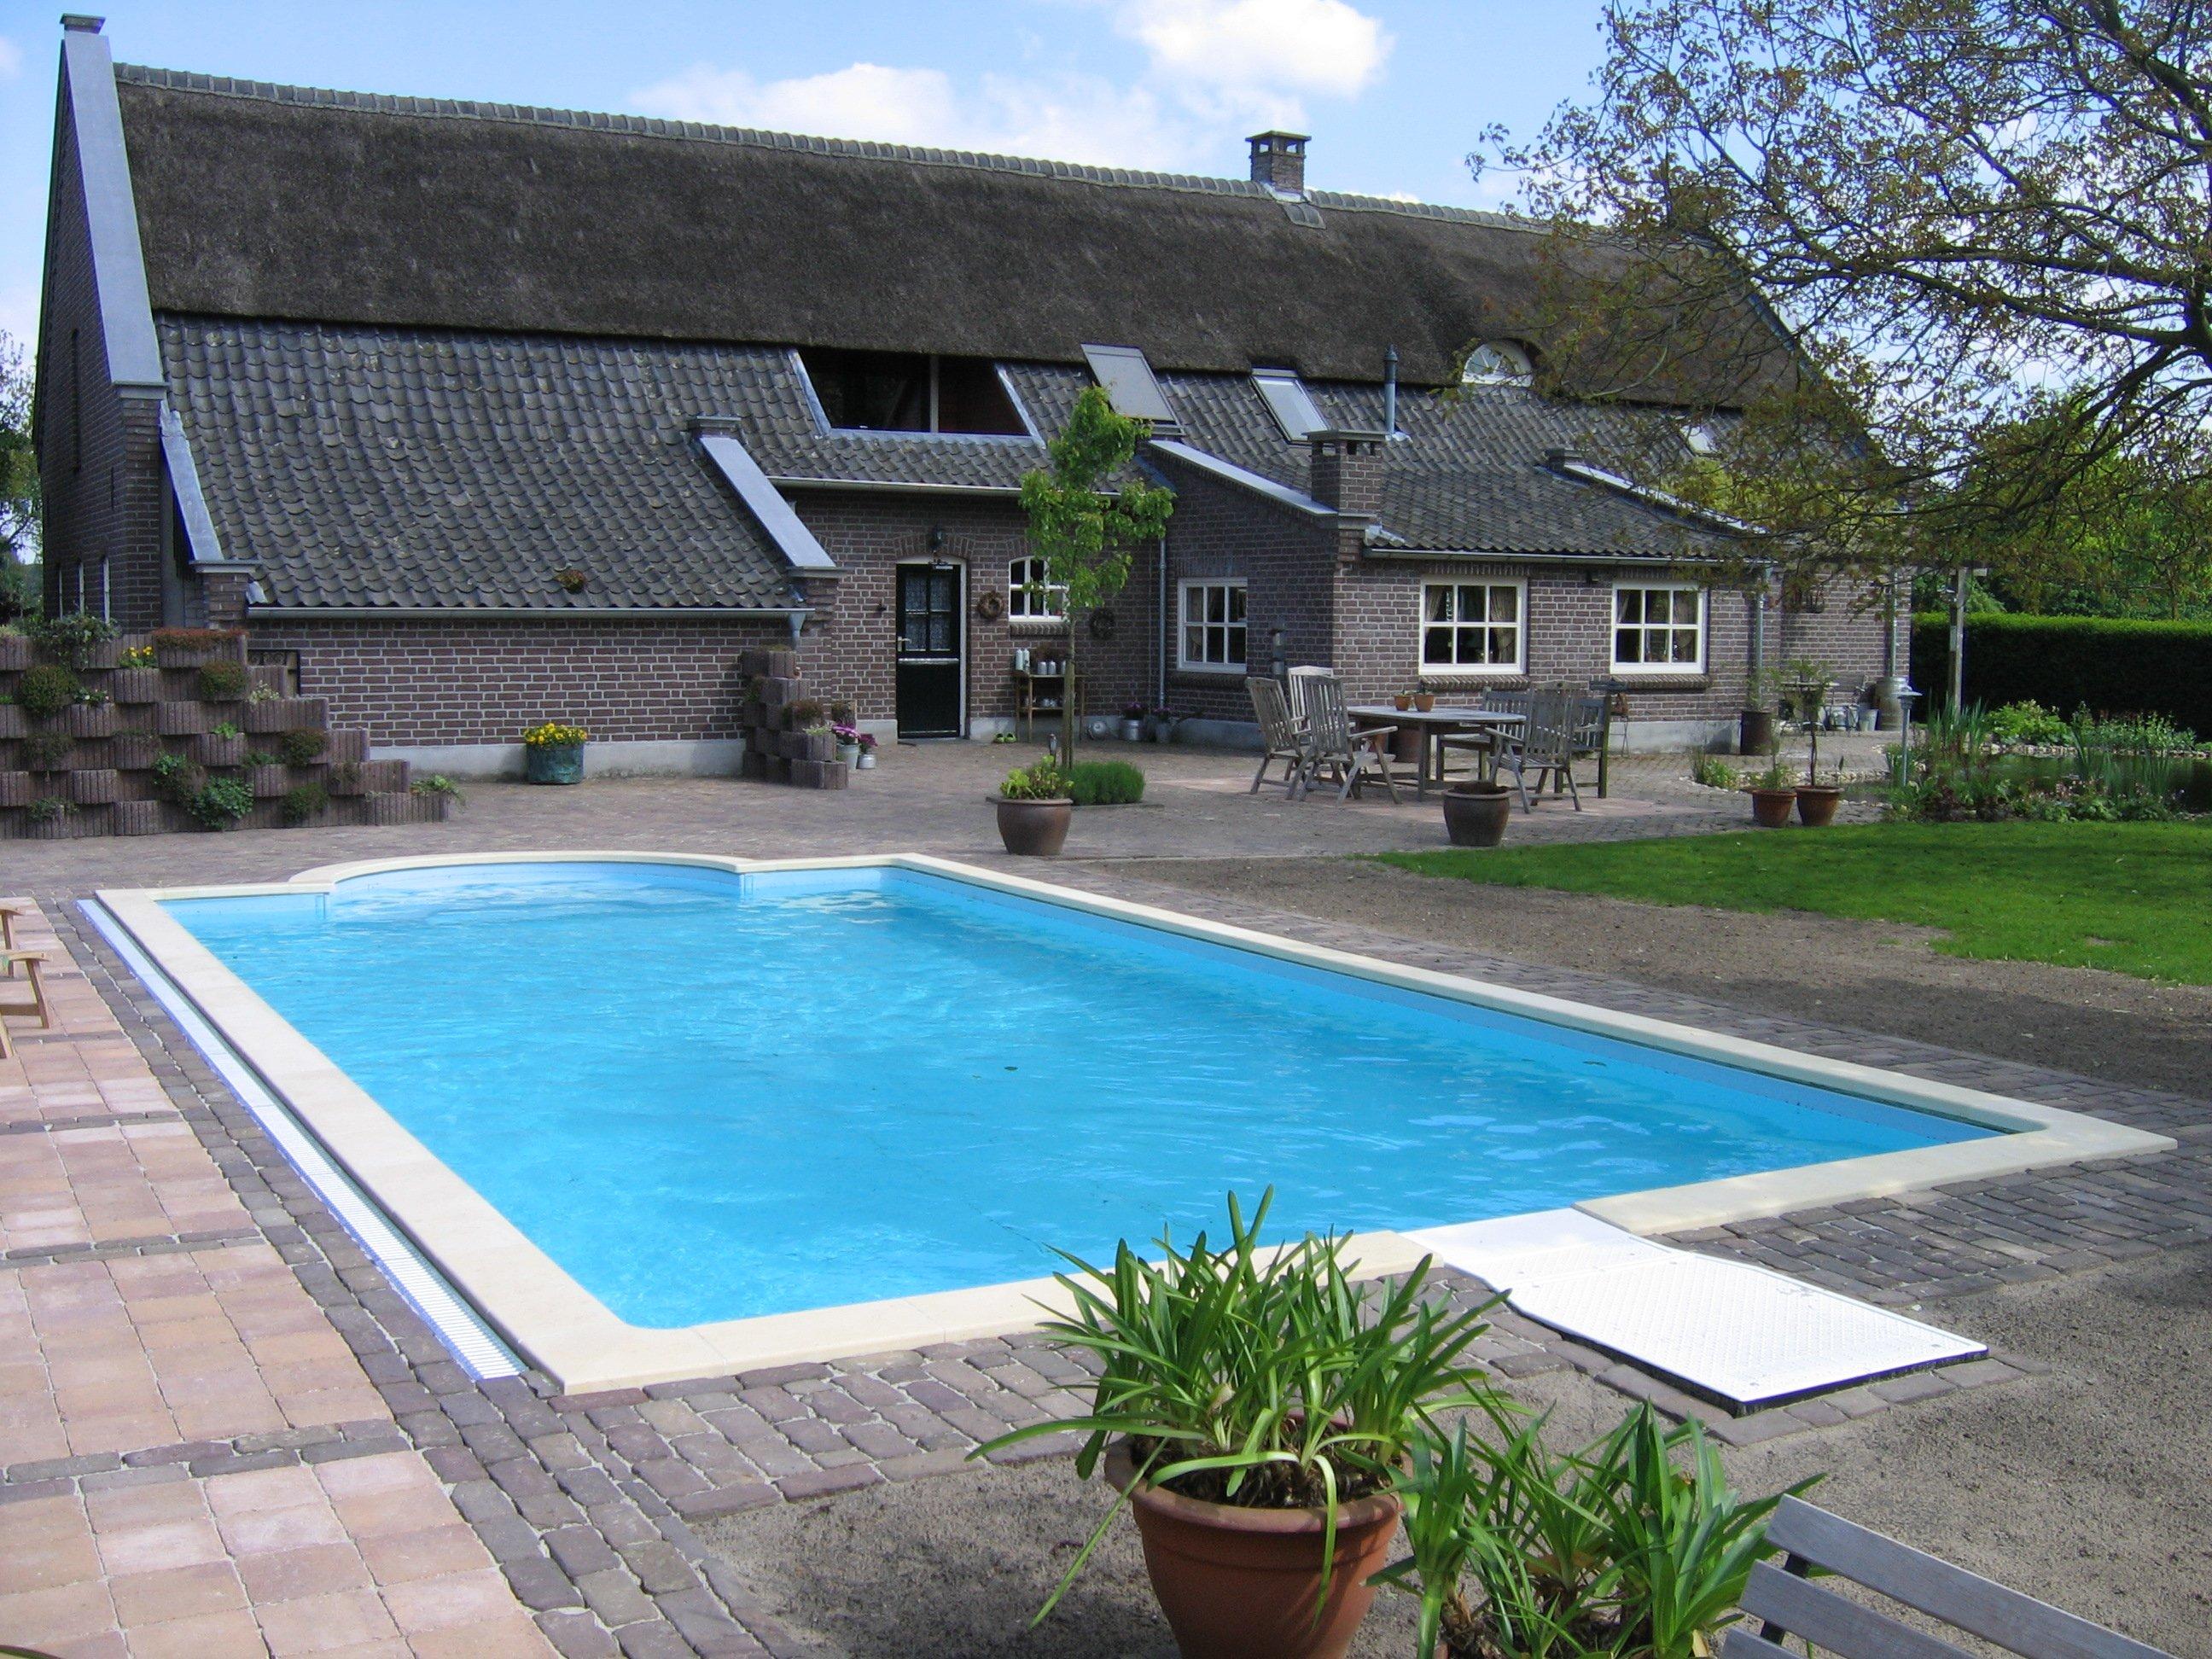 Buiten zwembad in de tuin - Outs zwembad in de tuin ...